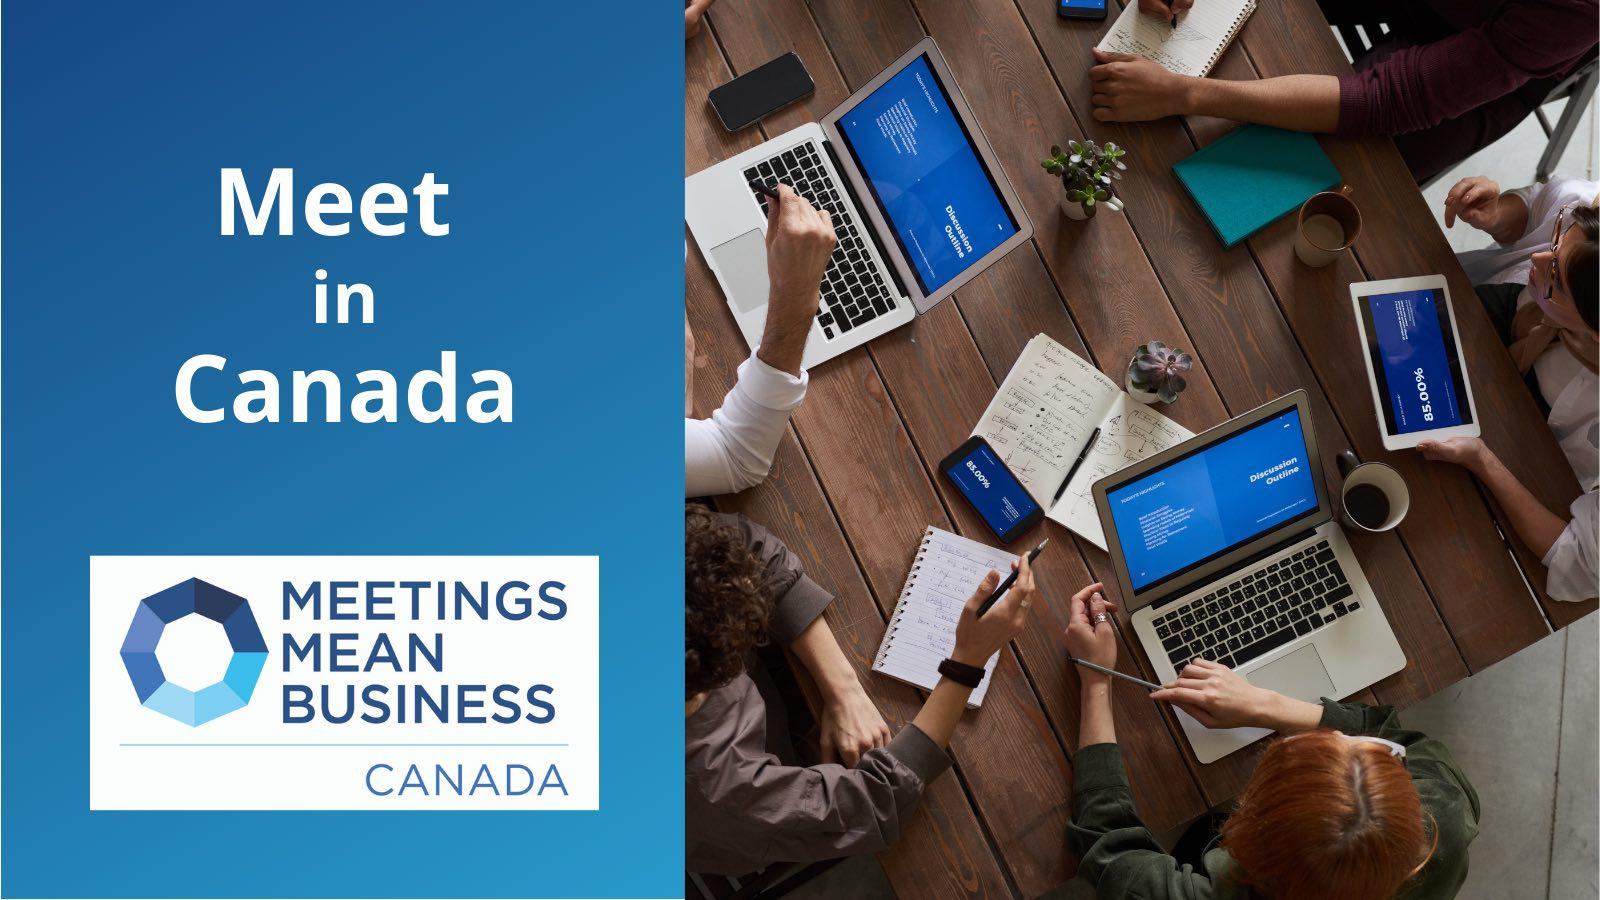 Meet in Canada boardroom table